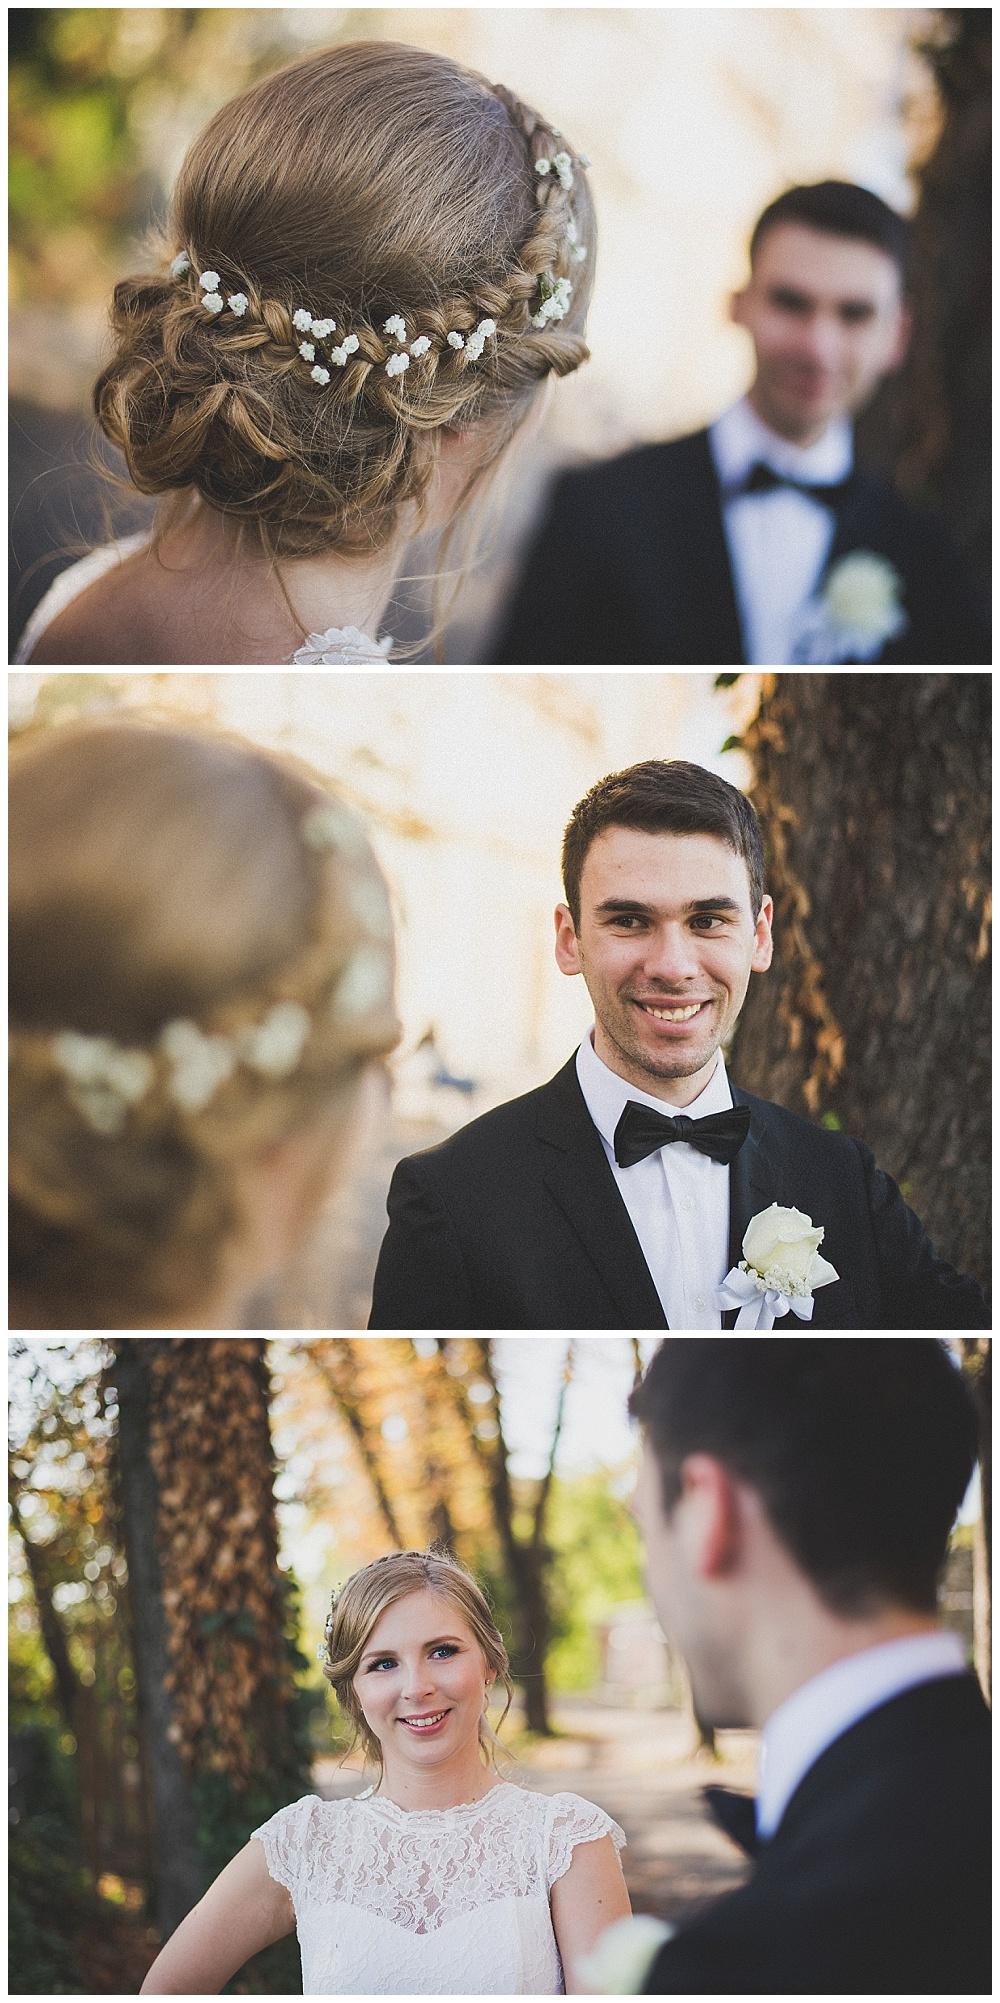 Snimanje vjenčanja u Zagrebu, Gornji grad